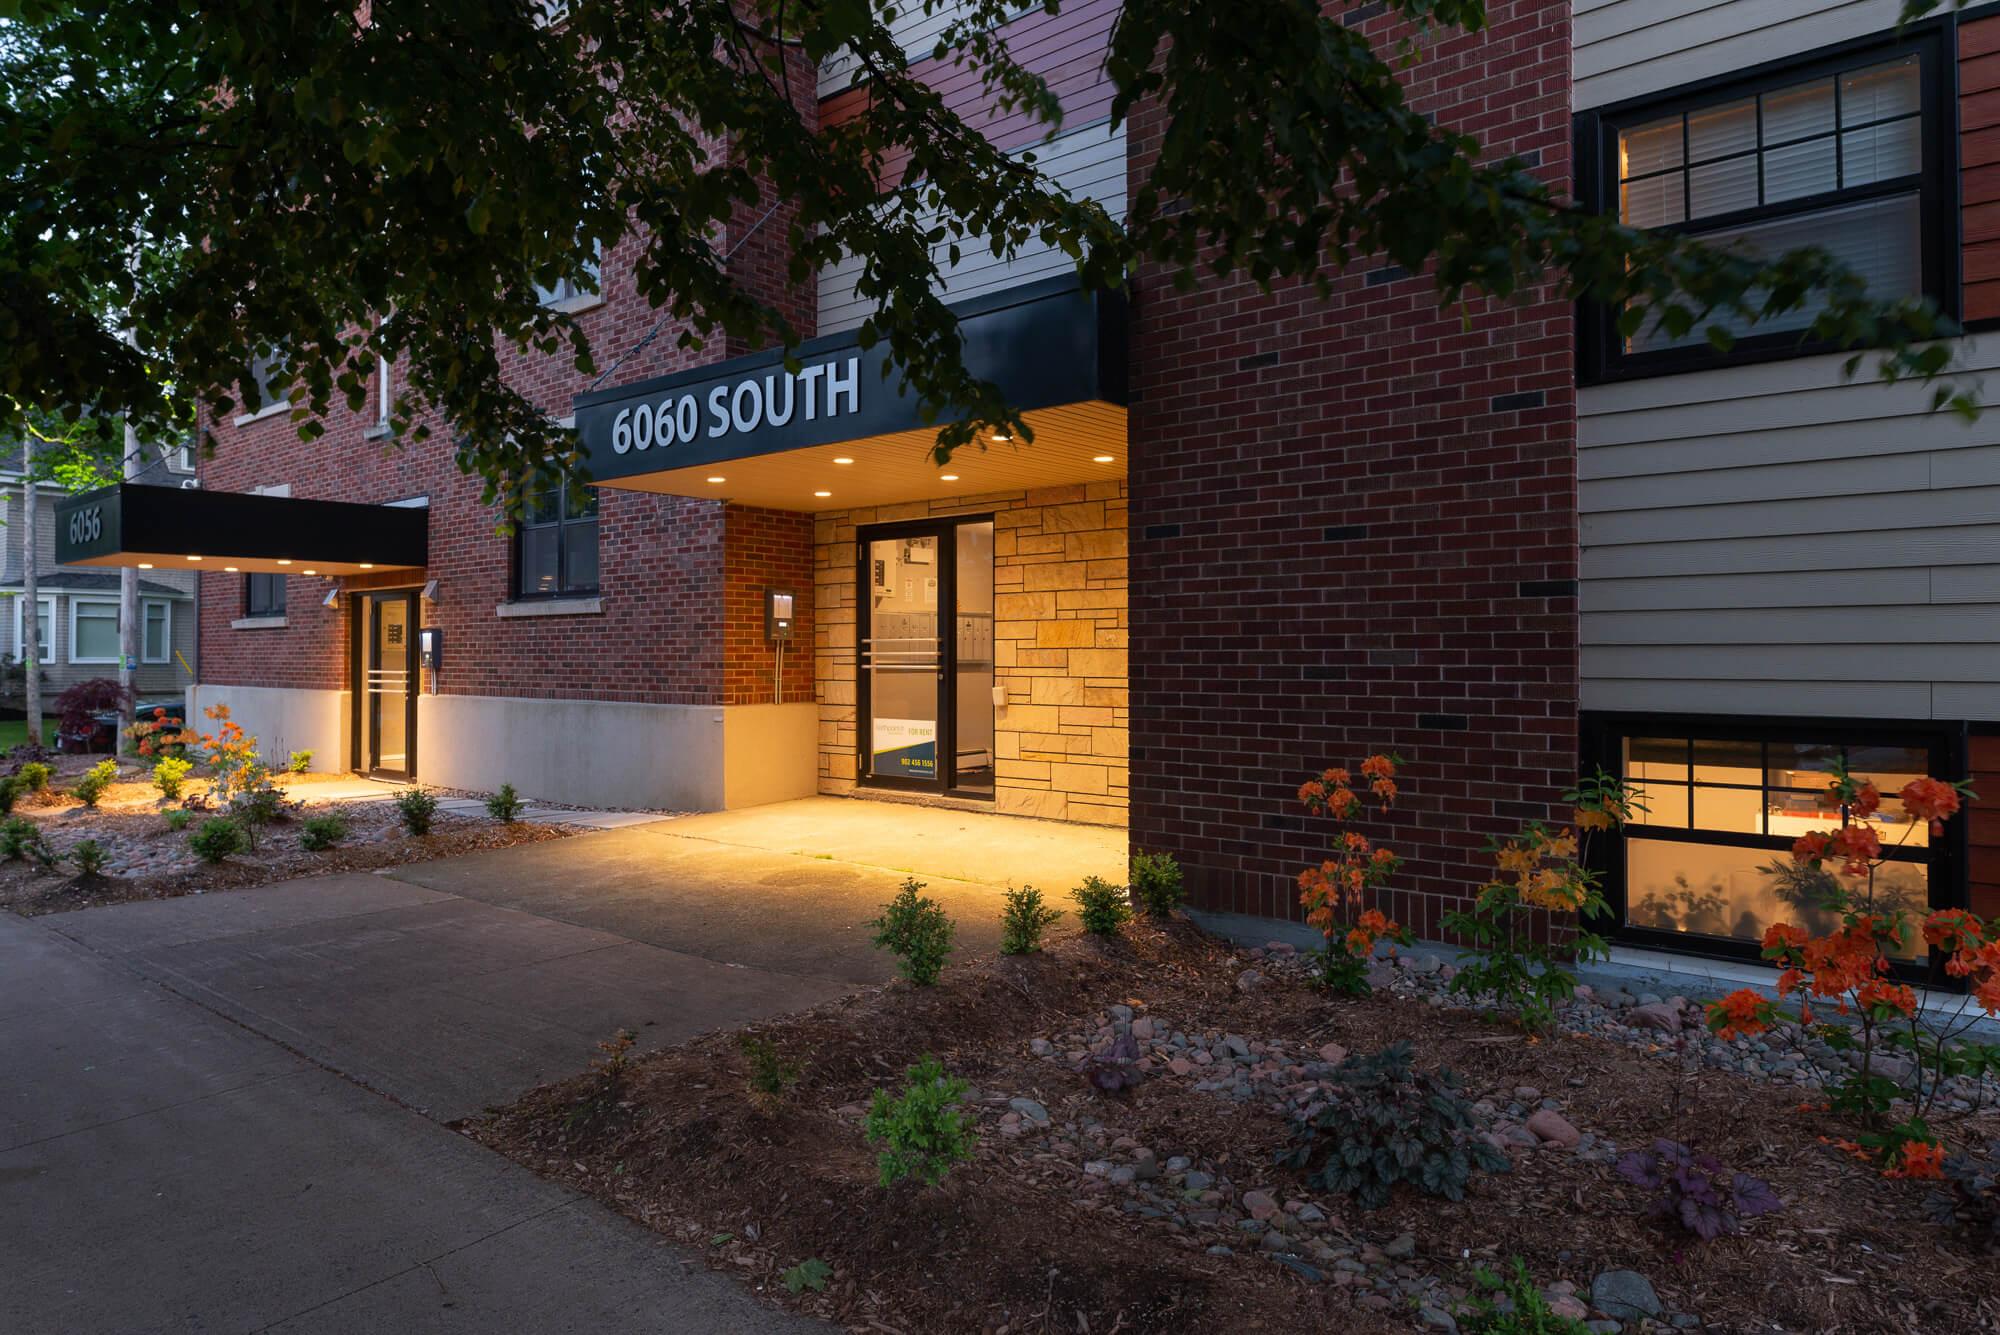 6060 South Street Exterior